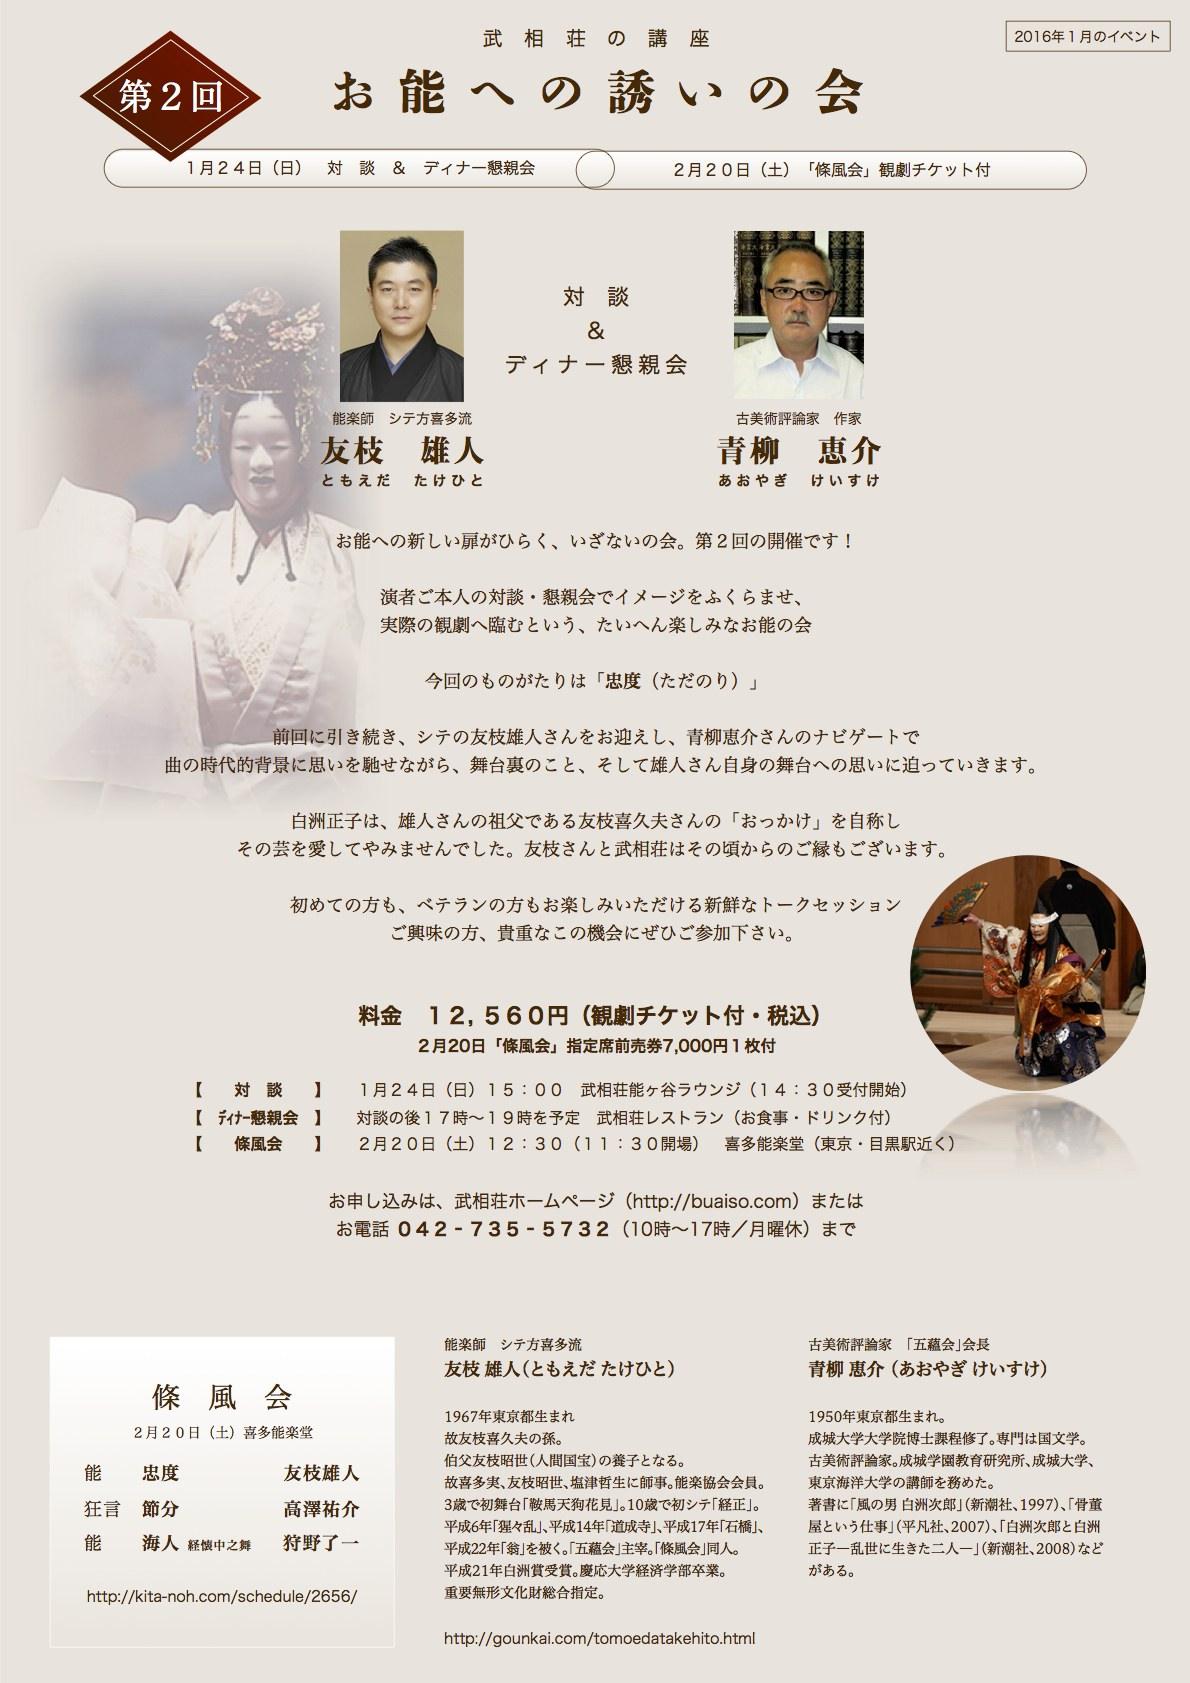 〈第2回〉お能への誘いの会 友枝雄人氏、青柳恵介氏対談、條風会の観劇チケット付